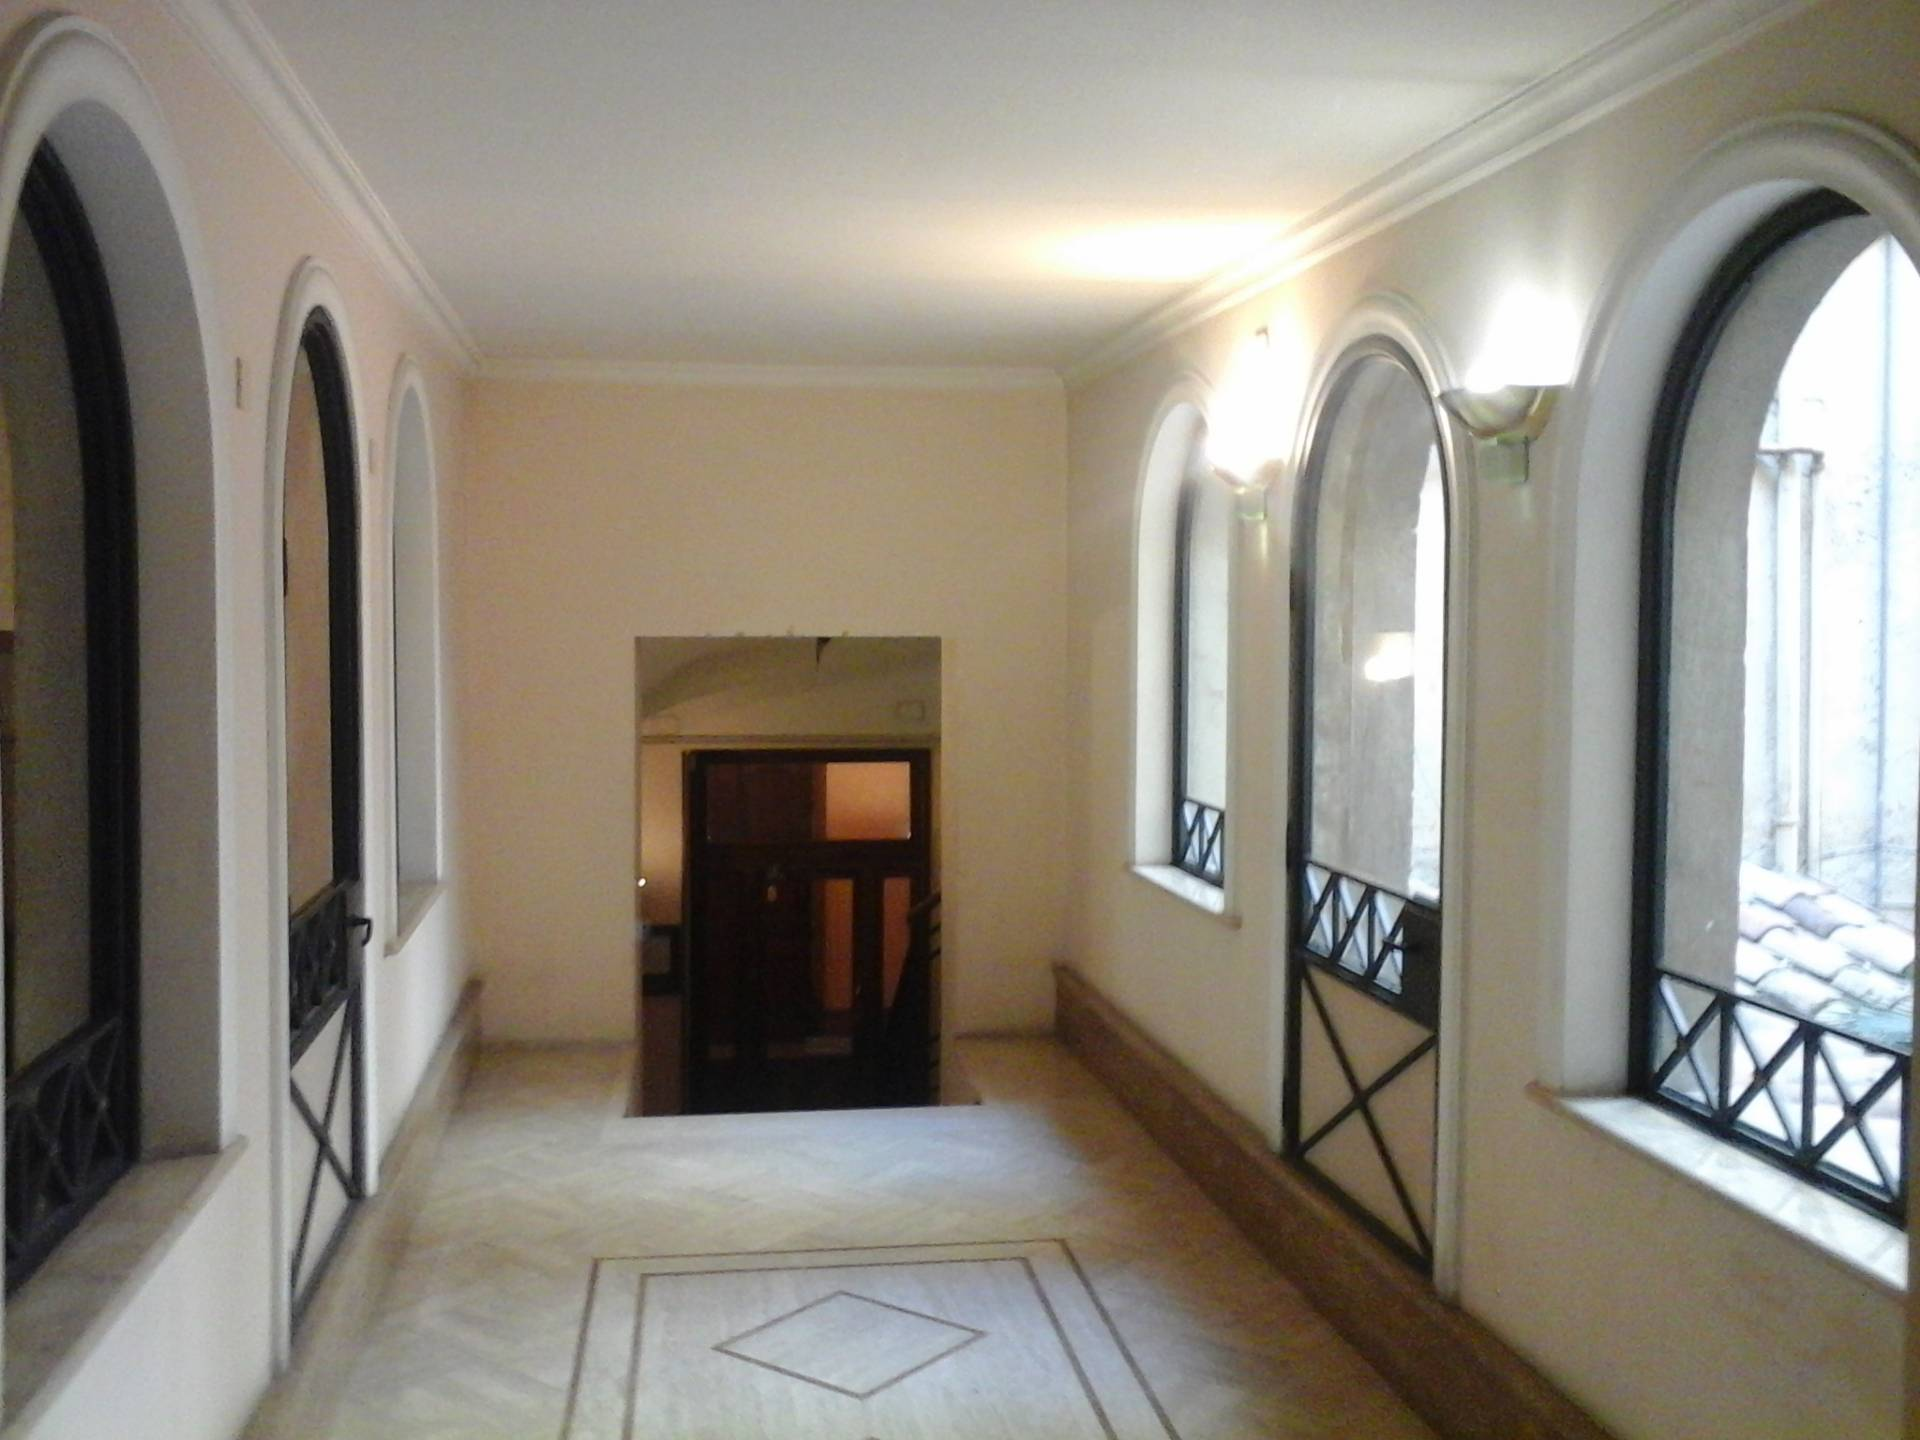 Studio ufficio in affitto a roma cod 001 1370 for Uffici in affitto roma centro